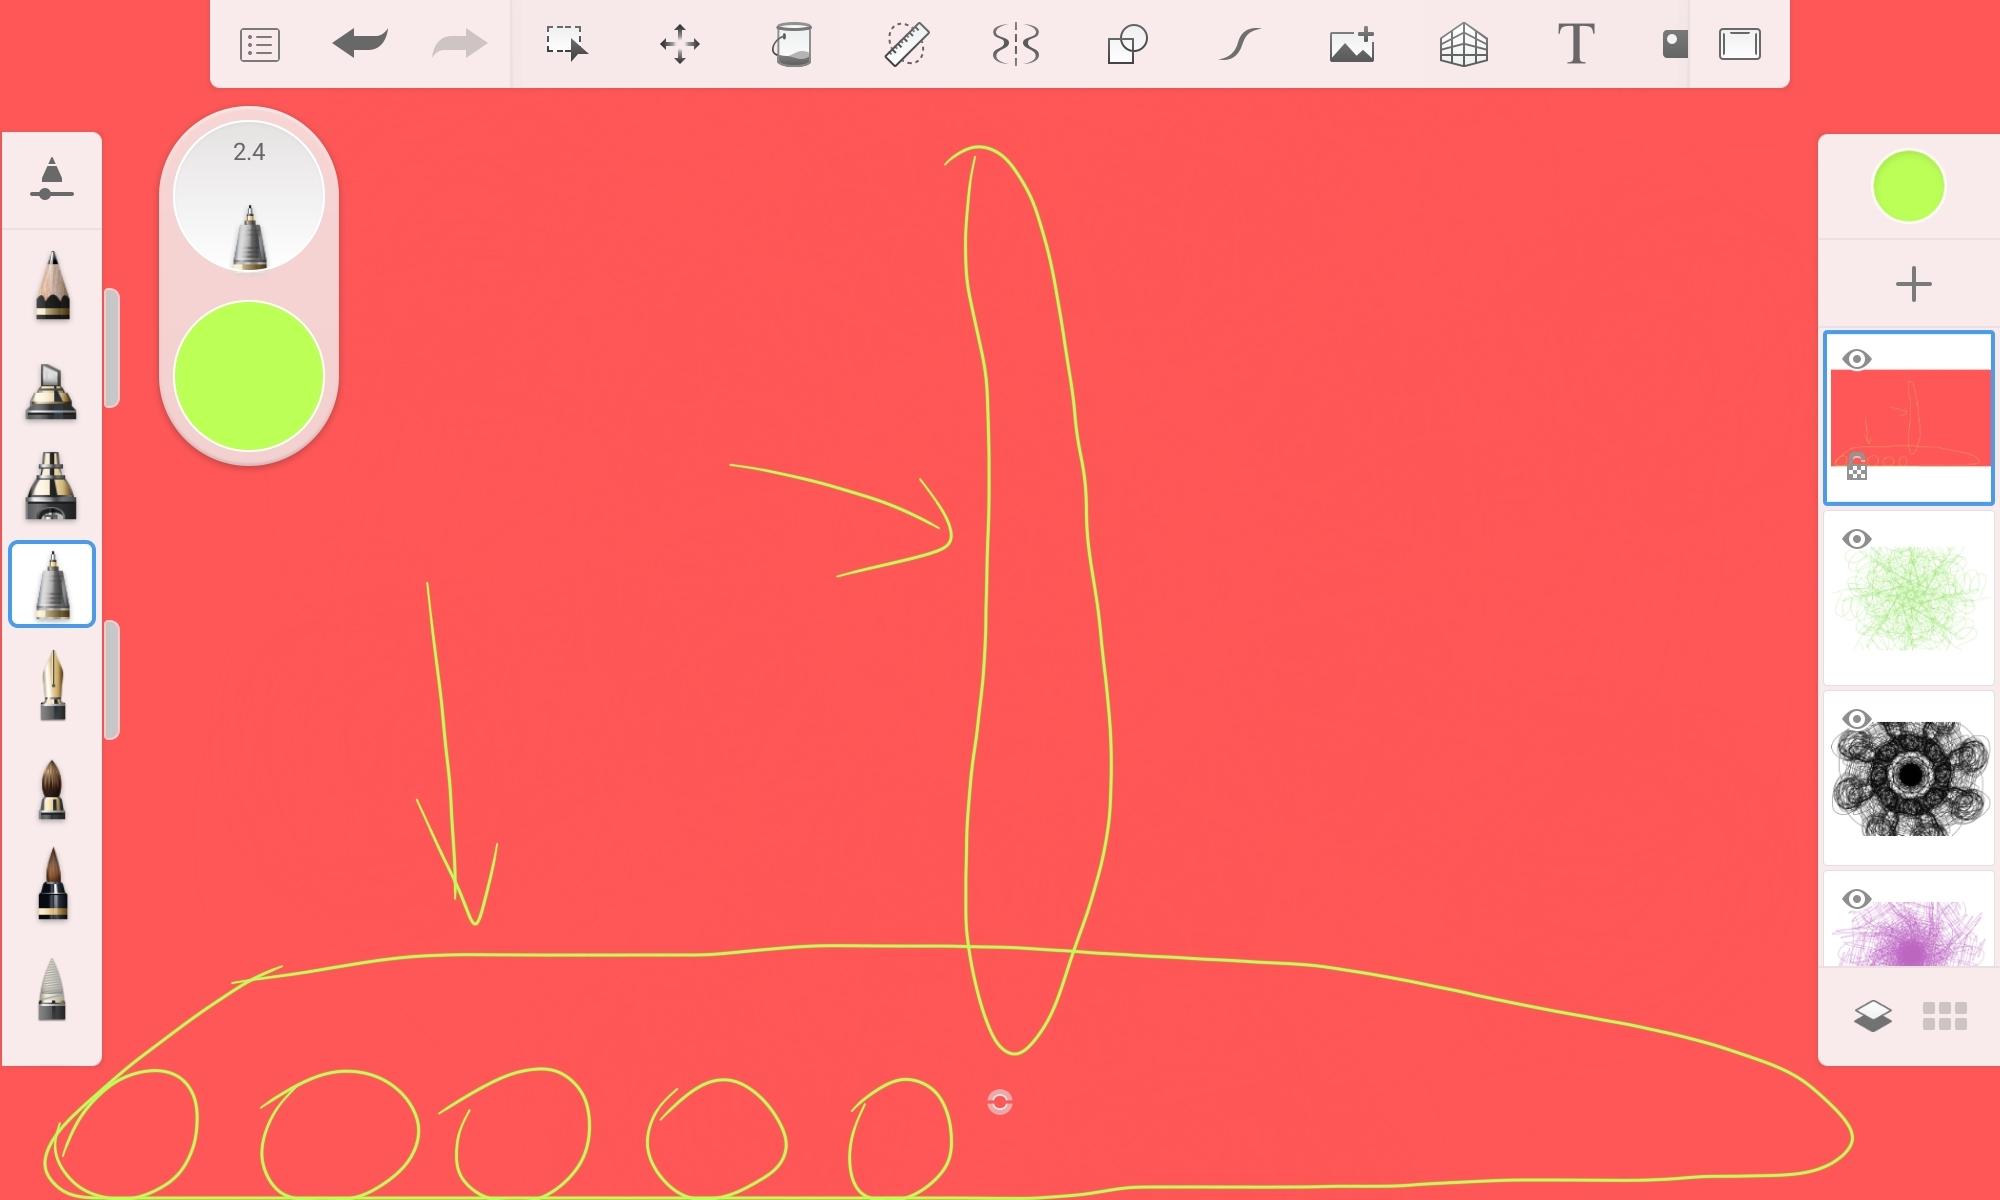 Screenshot_20200922_214459_com.adsk.sketchbook.jpg